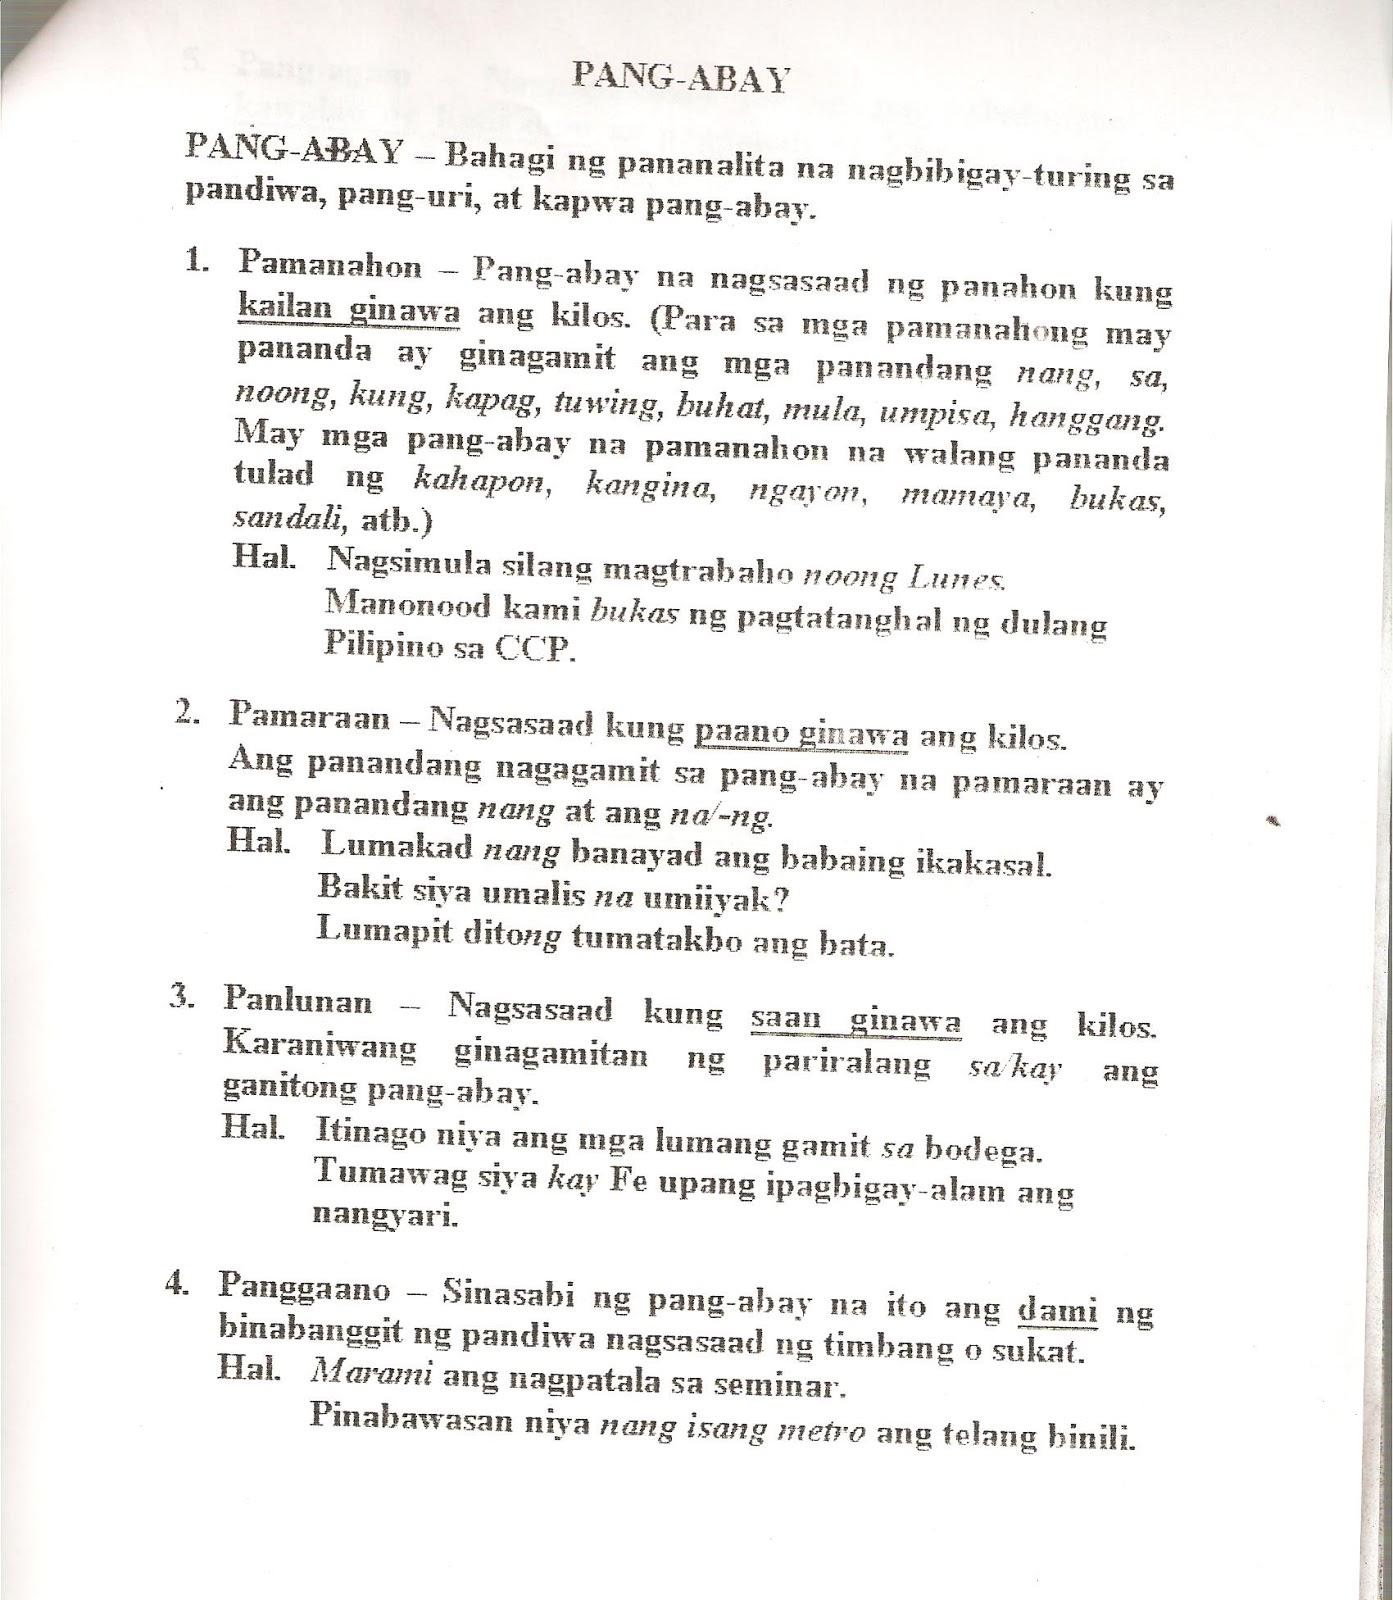 Pang Abay Na Panlunan